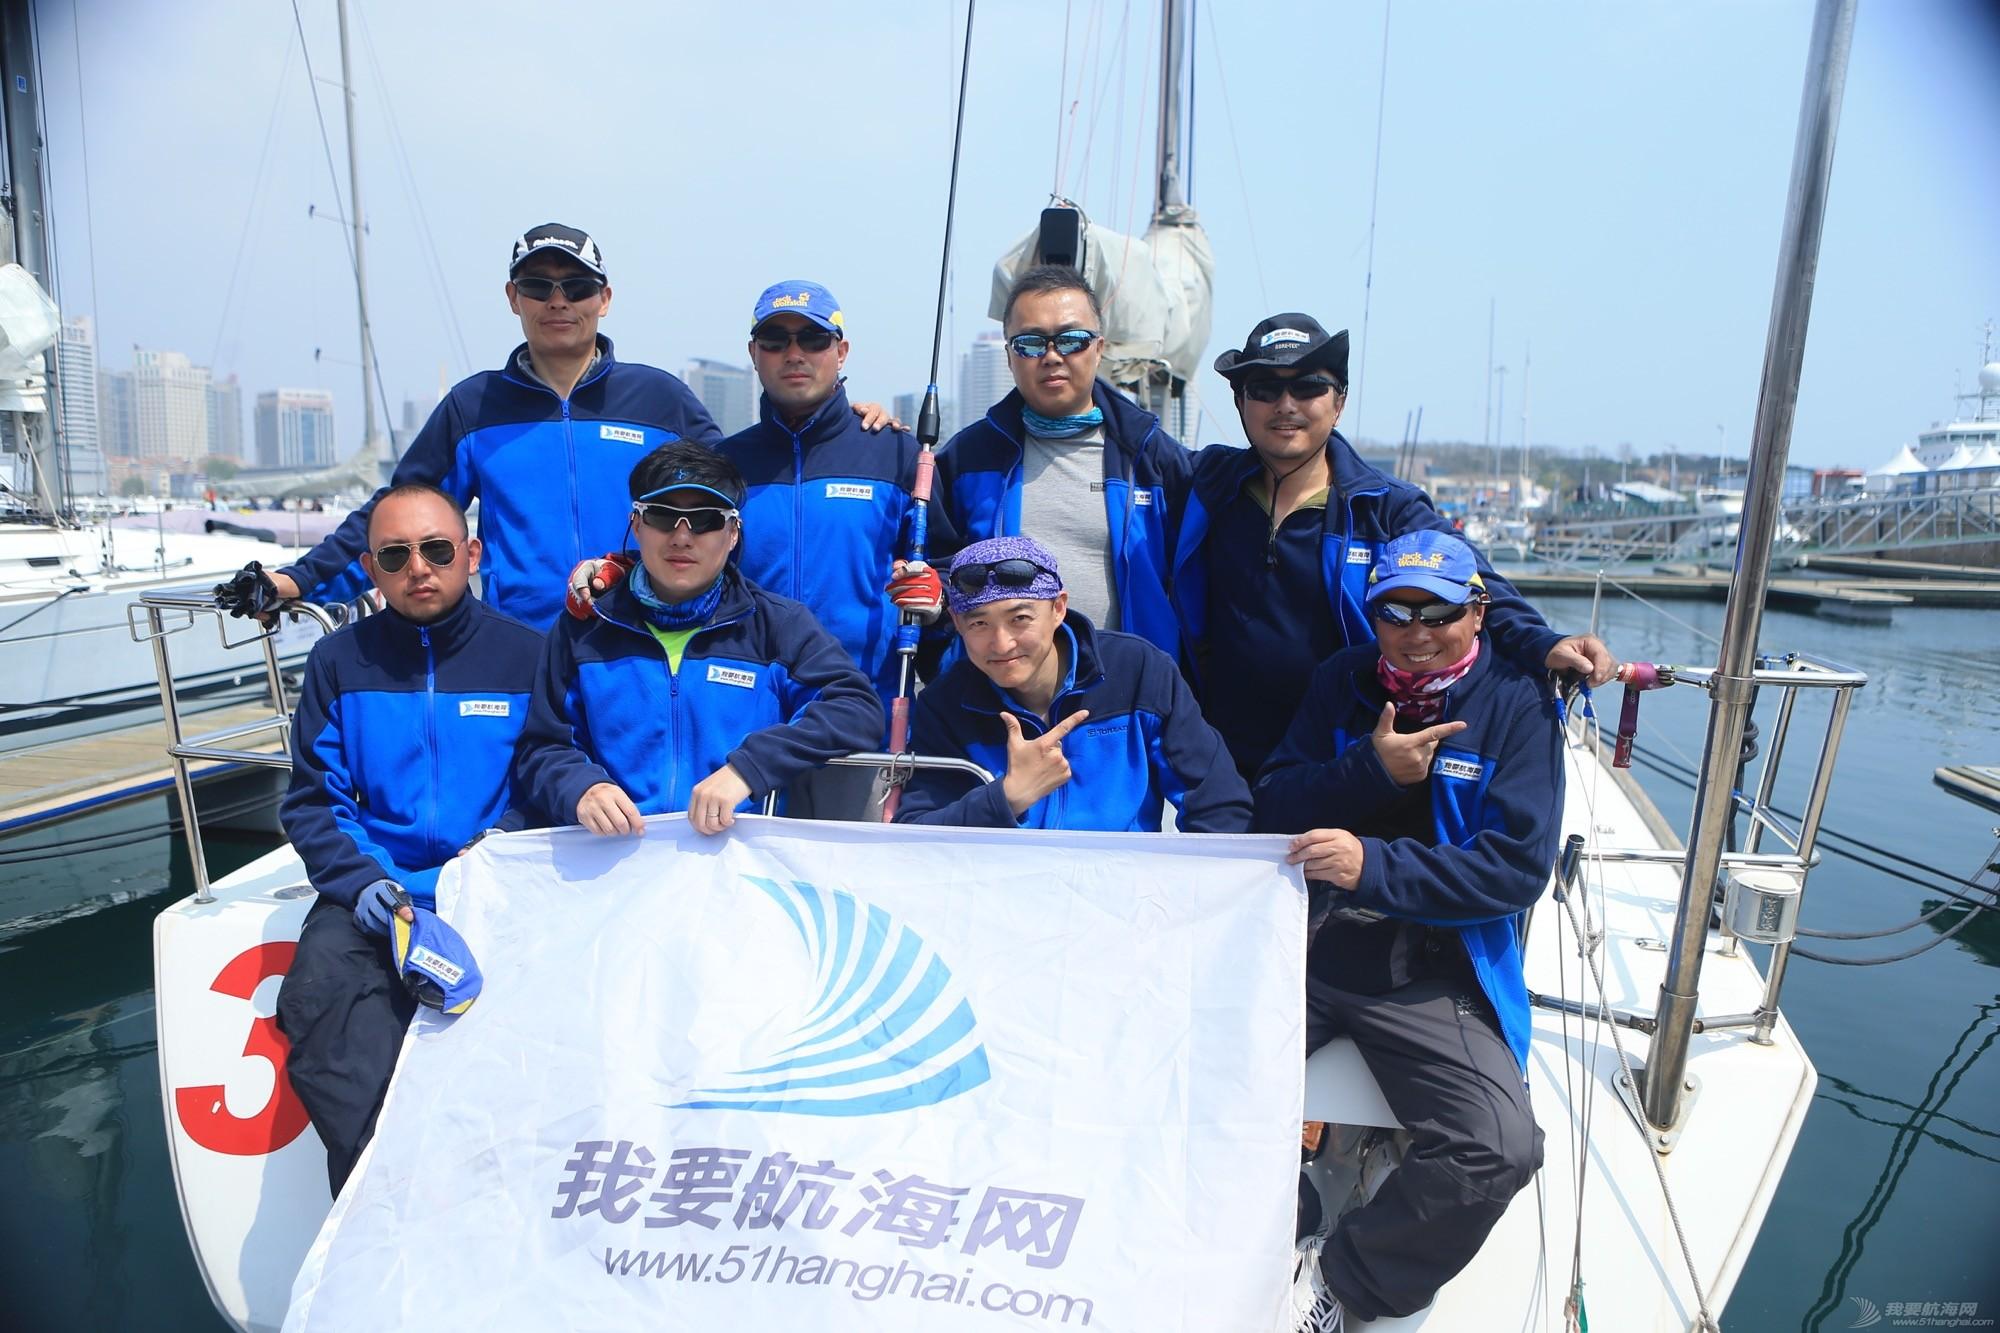 宣传片,帆船,国际,威海 威海国际帆赛之我要航海网帆船队宣传片 IMG_8507.JPG